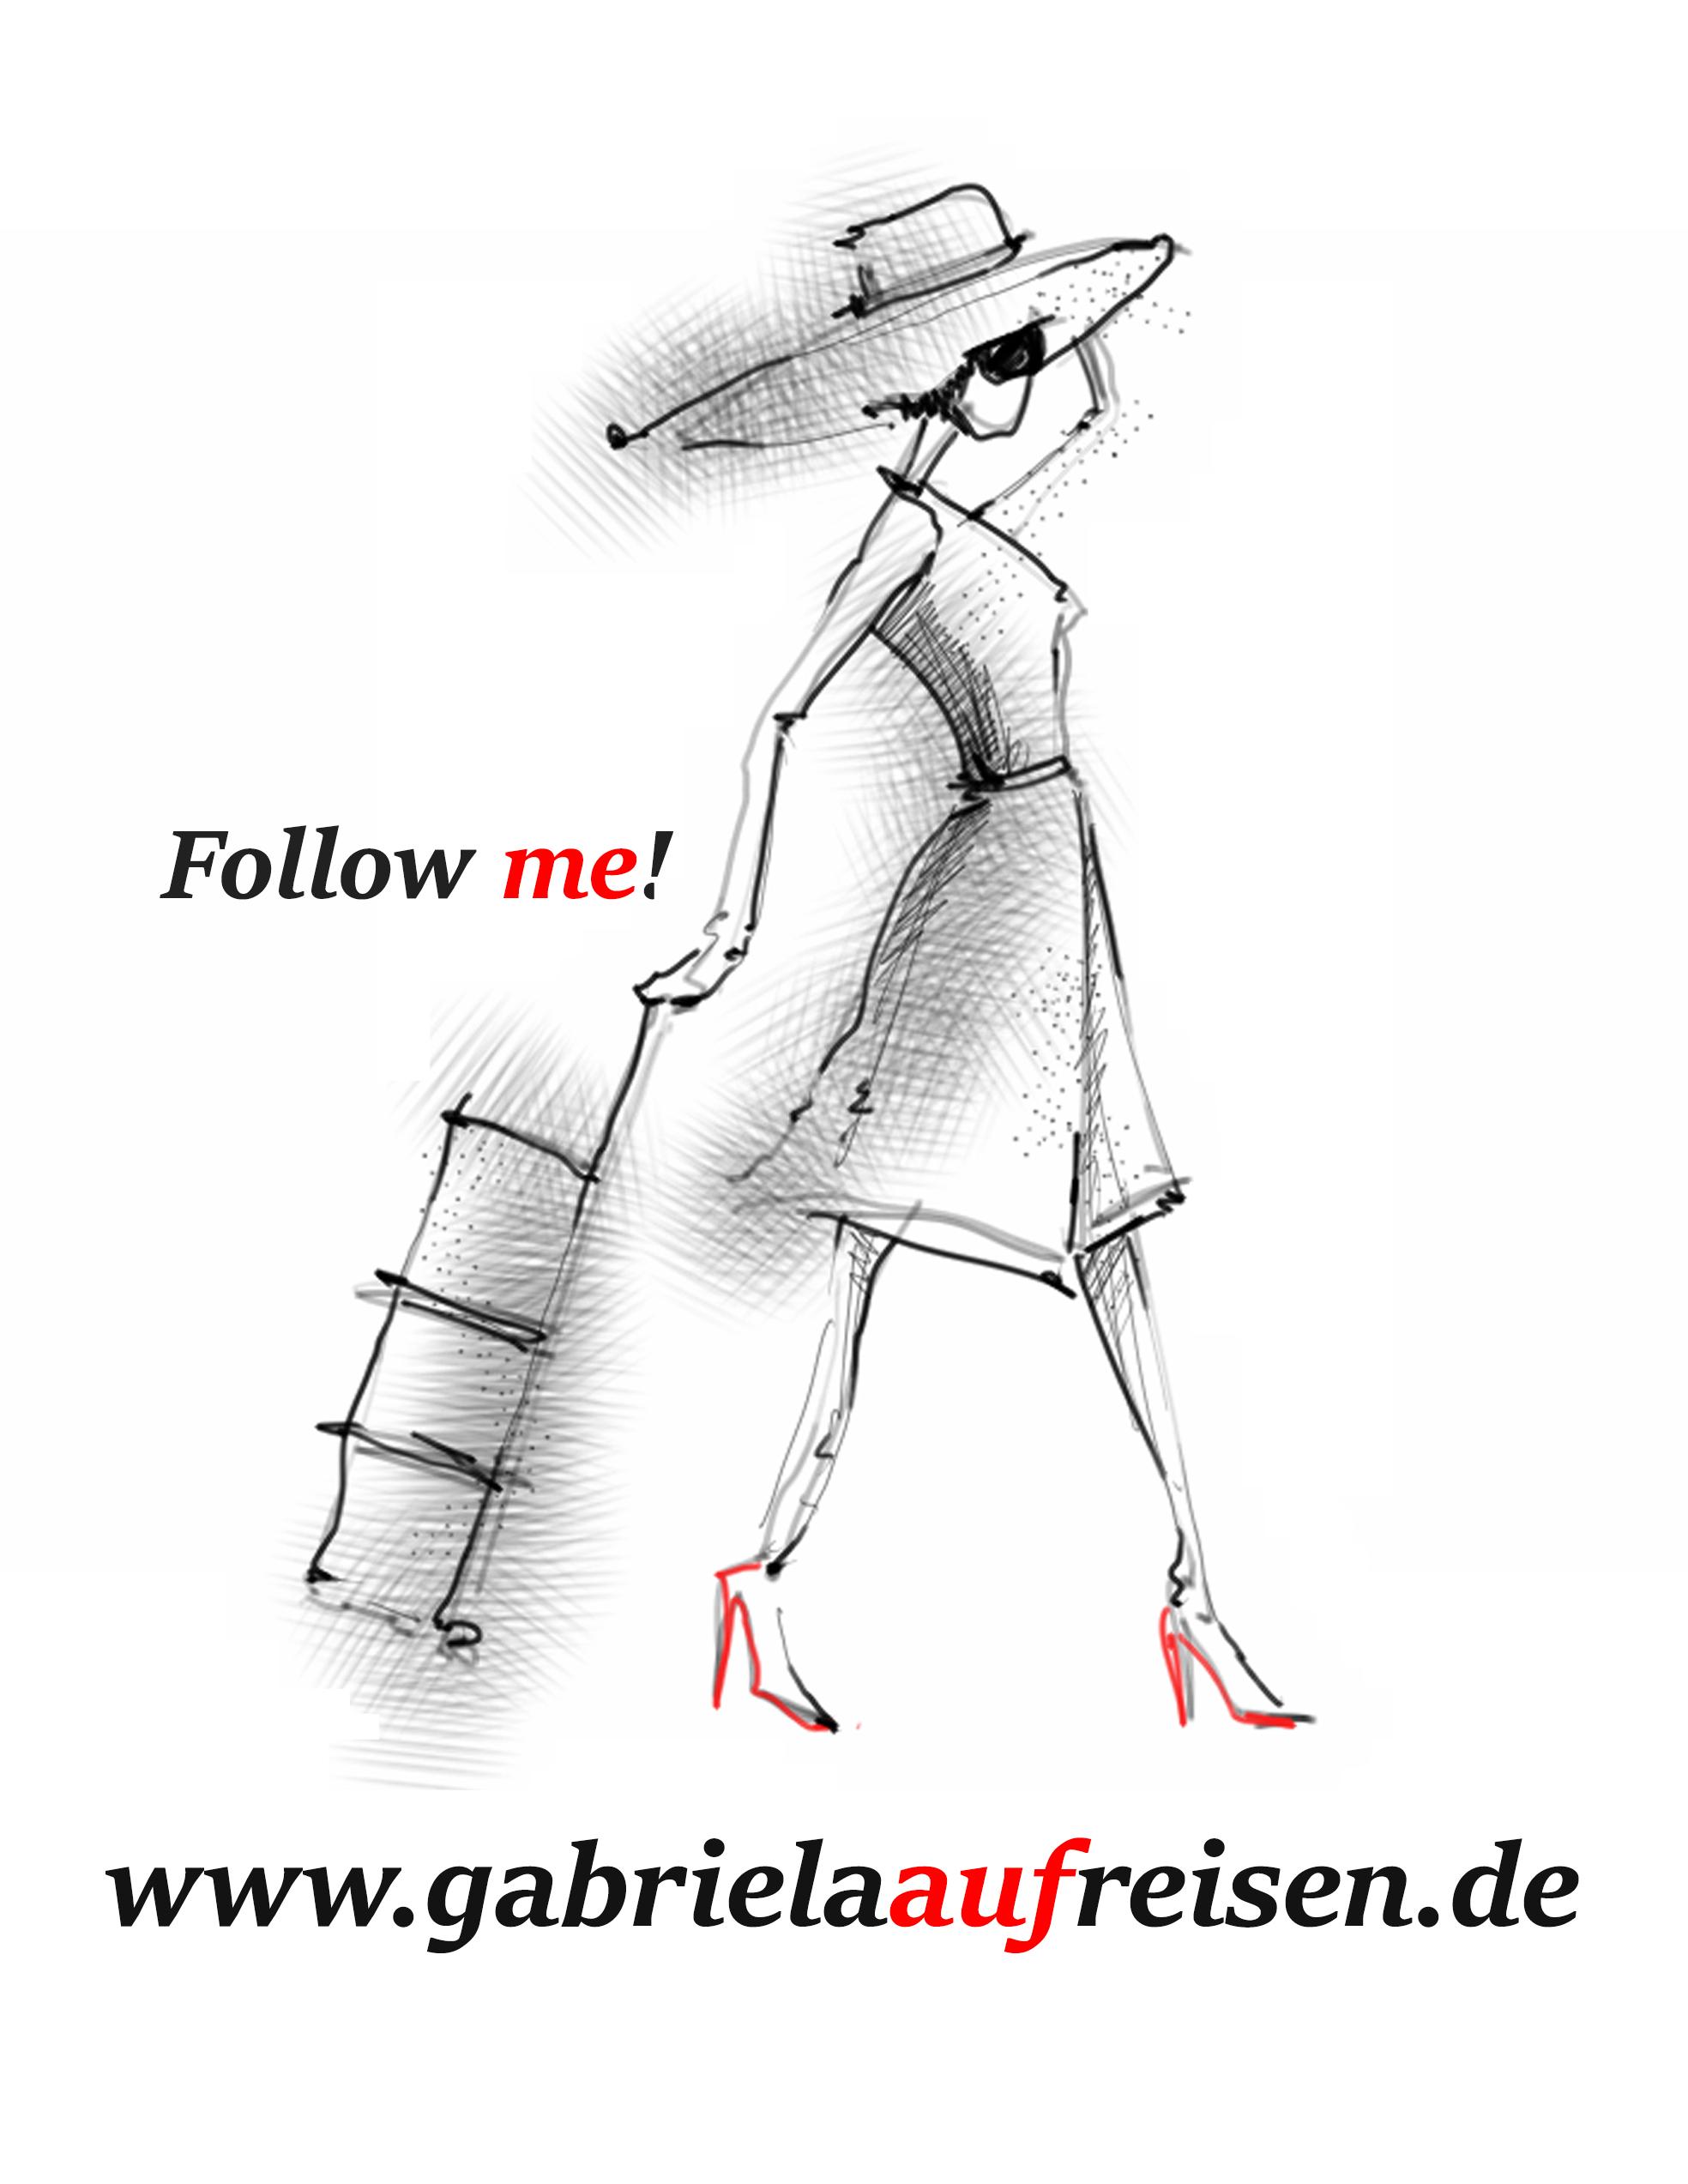 Gabriela auf Reisen - Reiseblog und Reisetipps